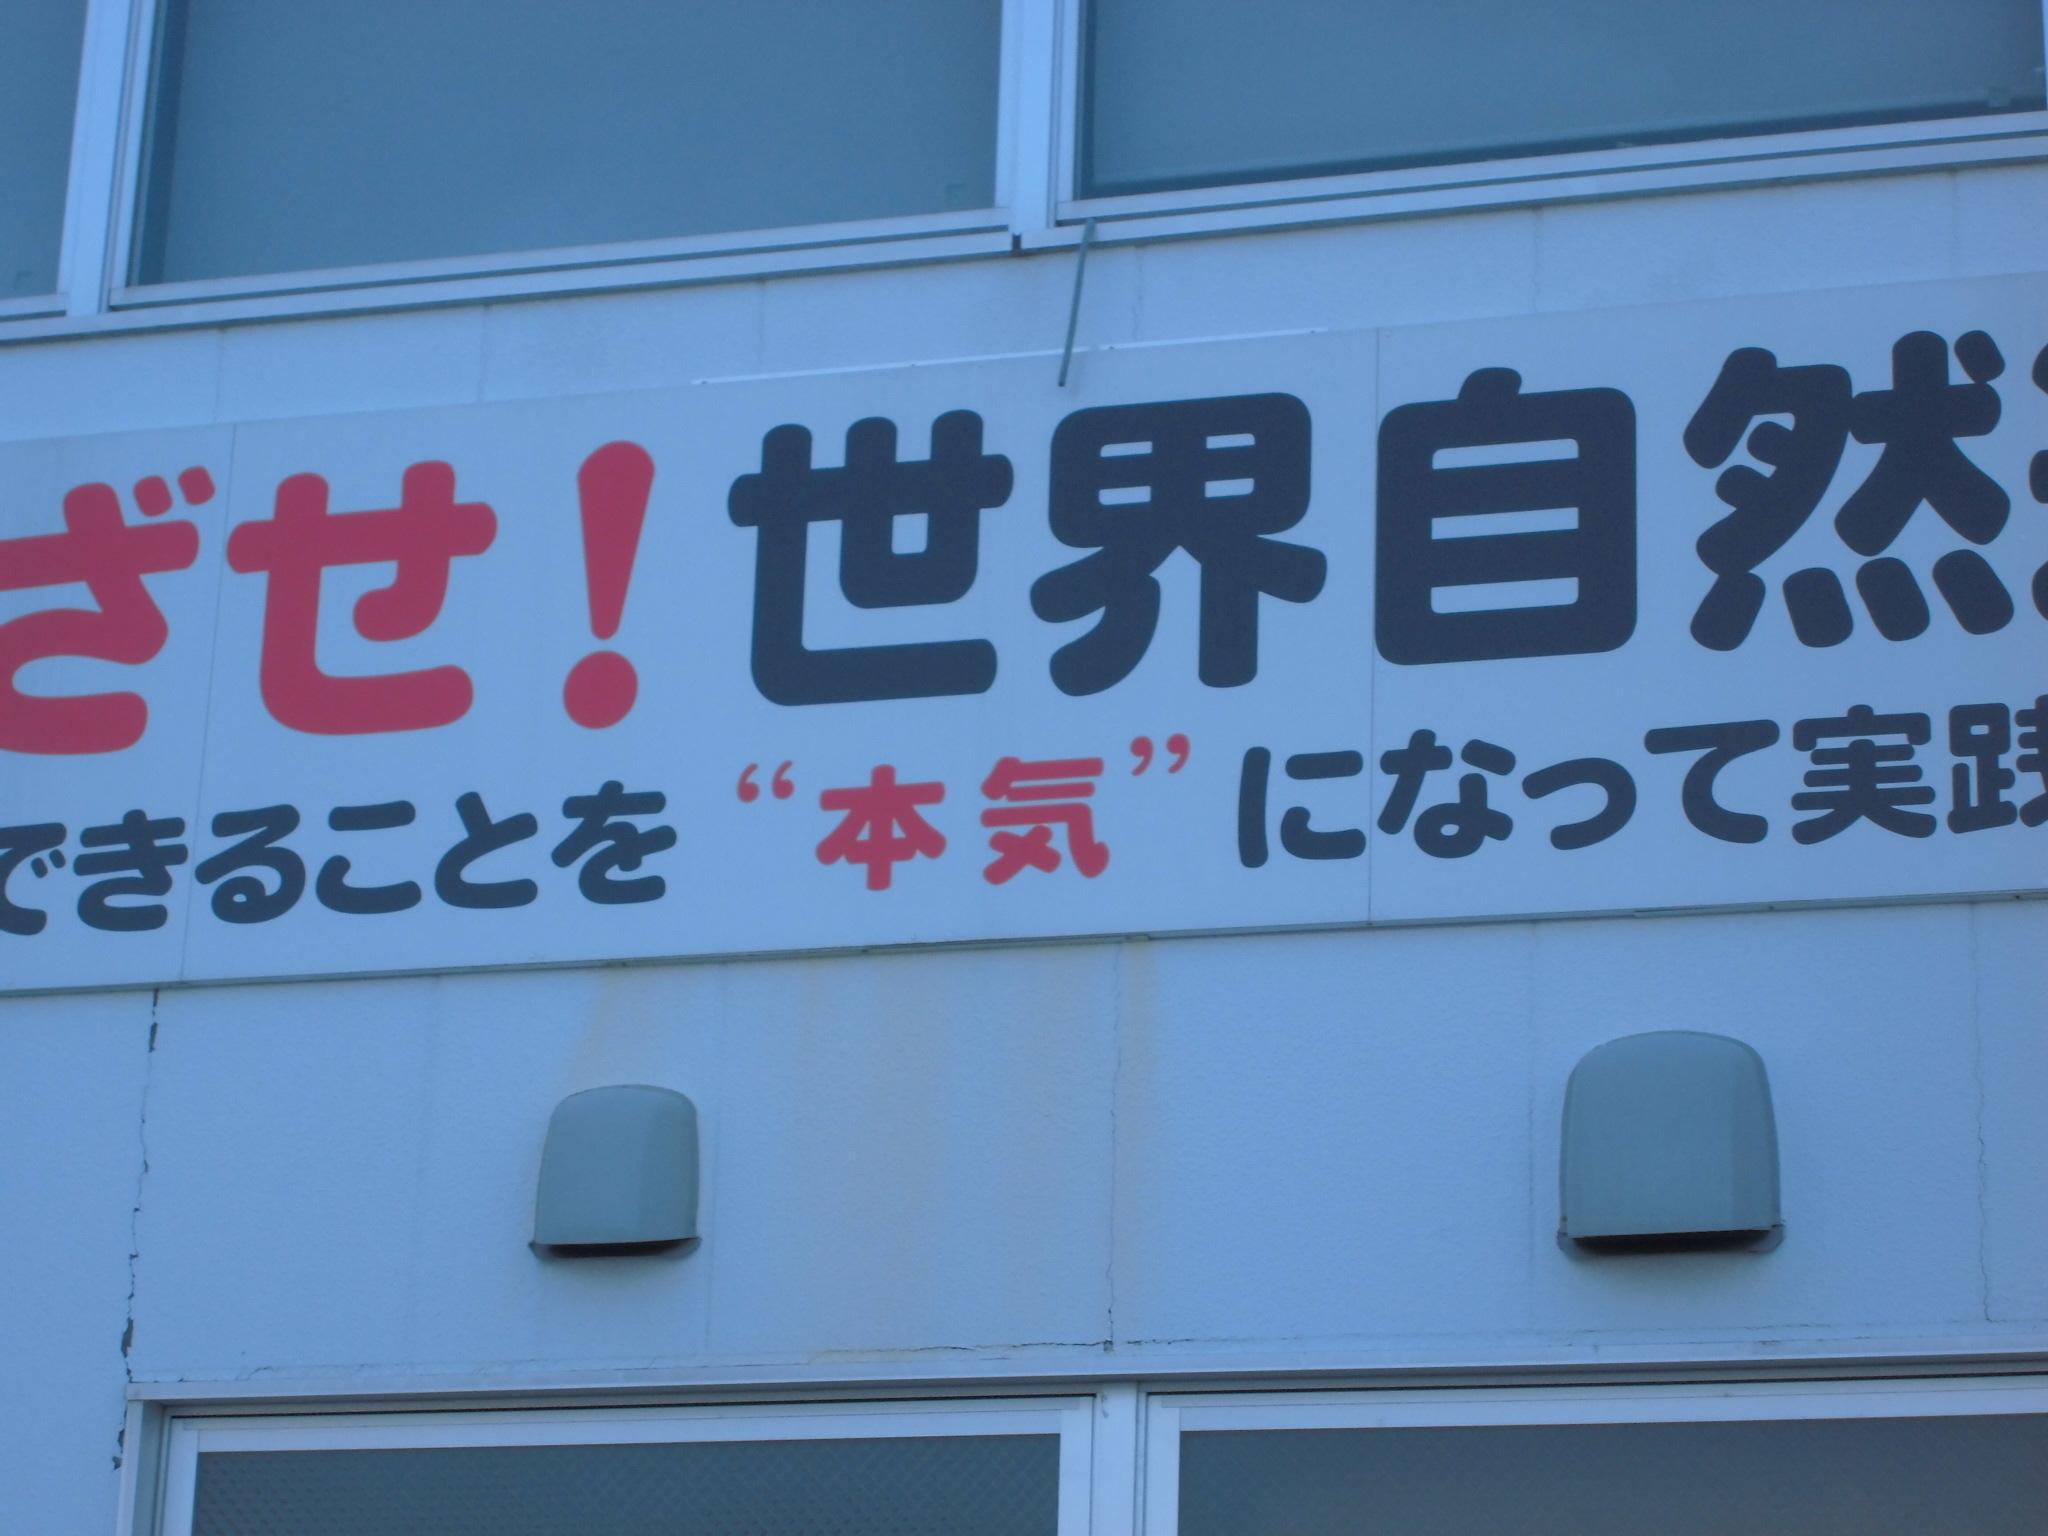 瀬戸内町海の駅・奄美大嶋観光ガイド